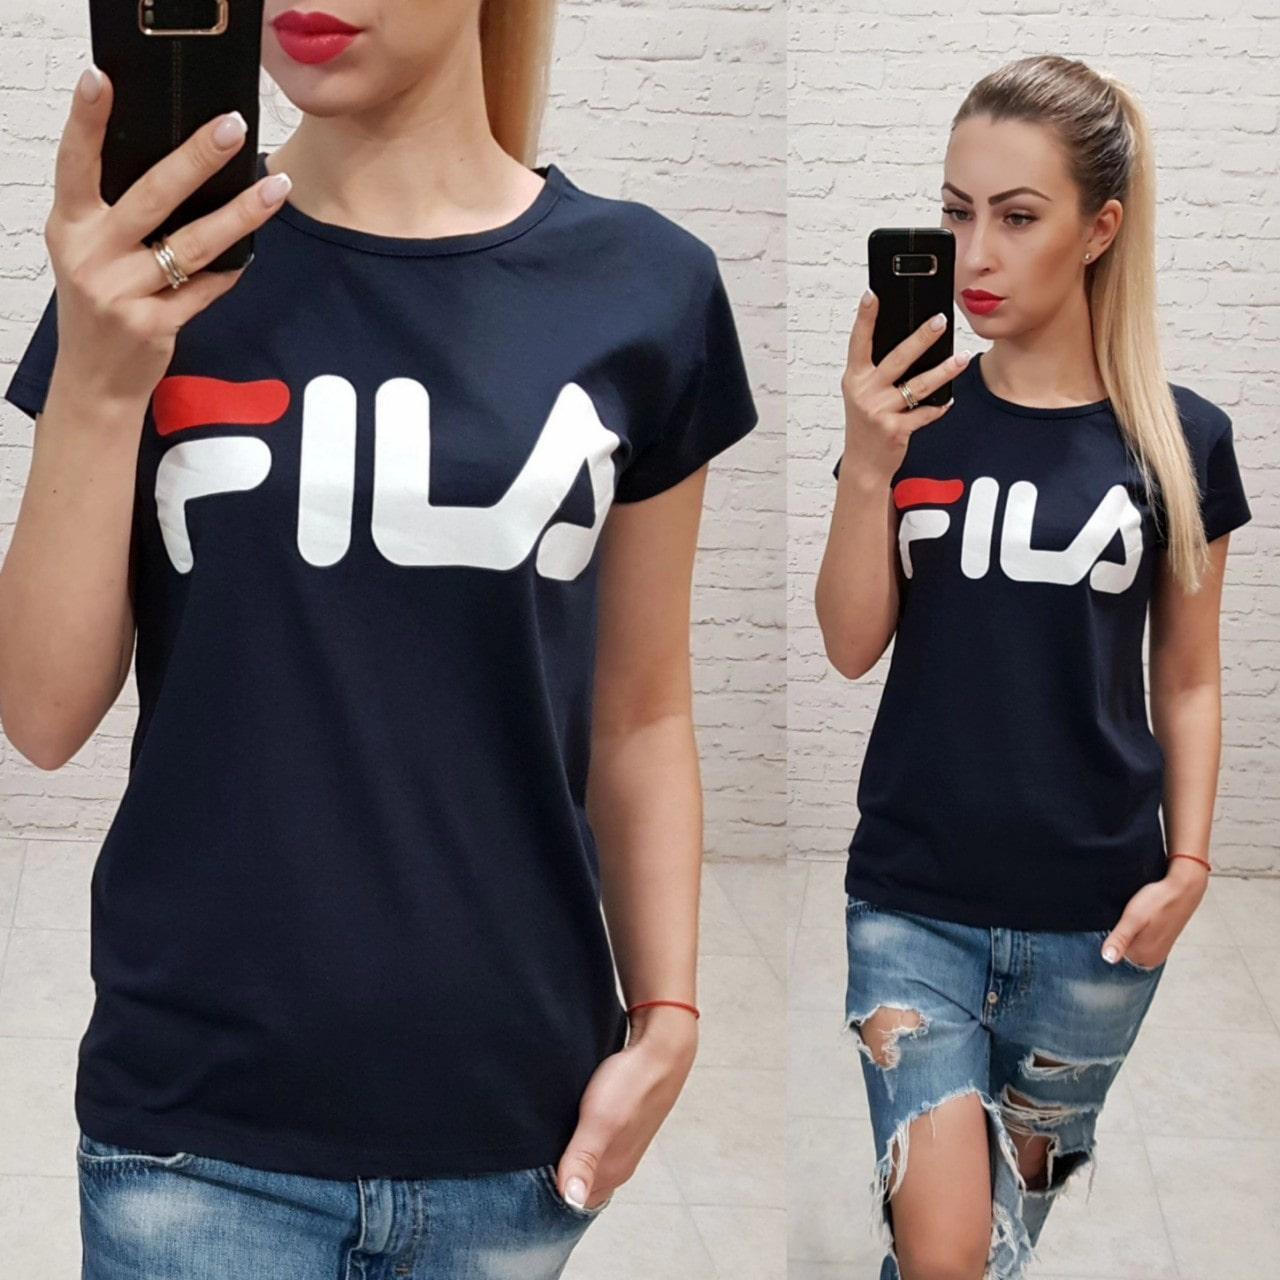 Женская футболка Fila черная Турция р. S,M,L оптом